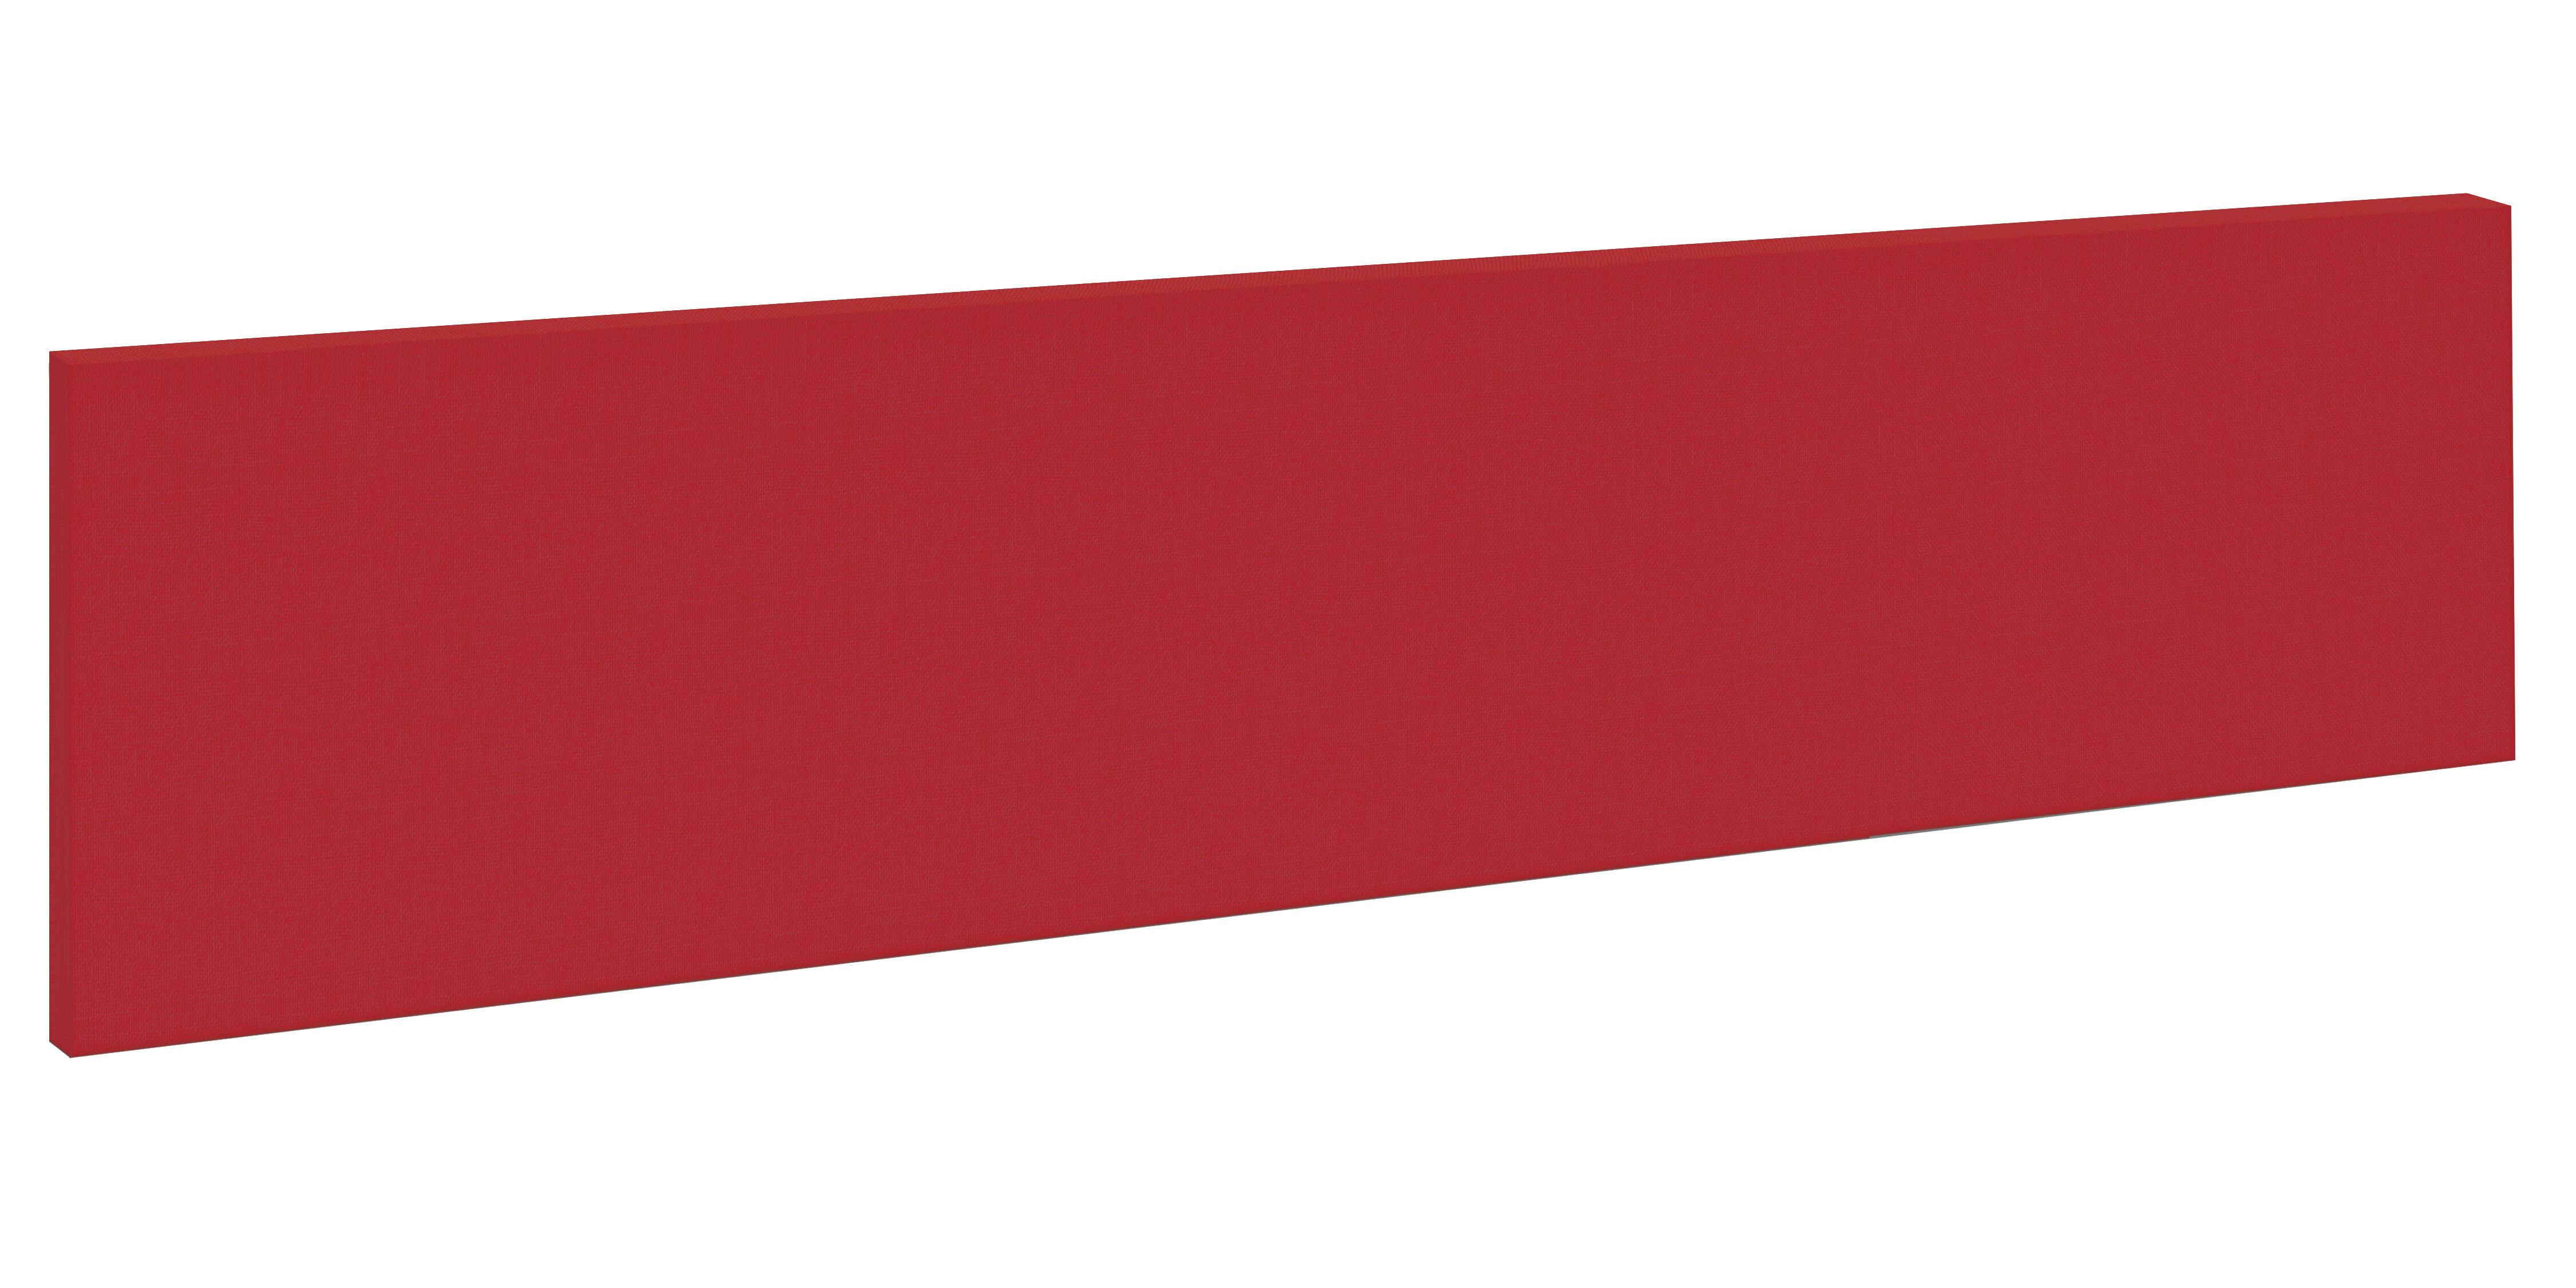 Paraván čalouněný stolní 1400x300mm bezrámový